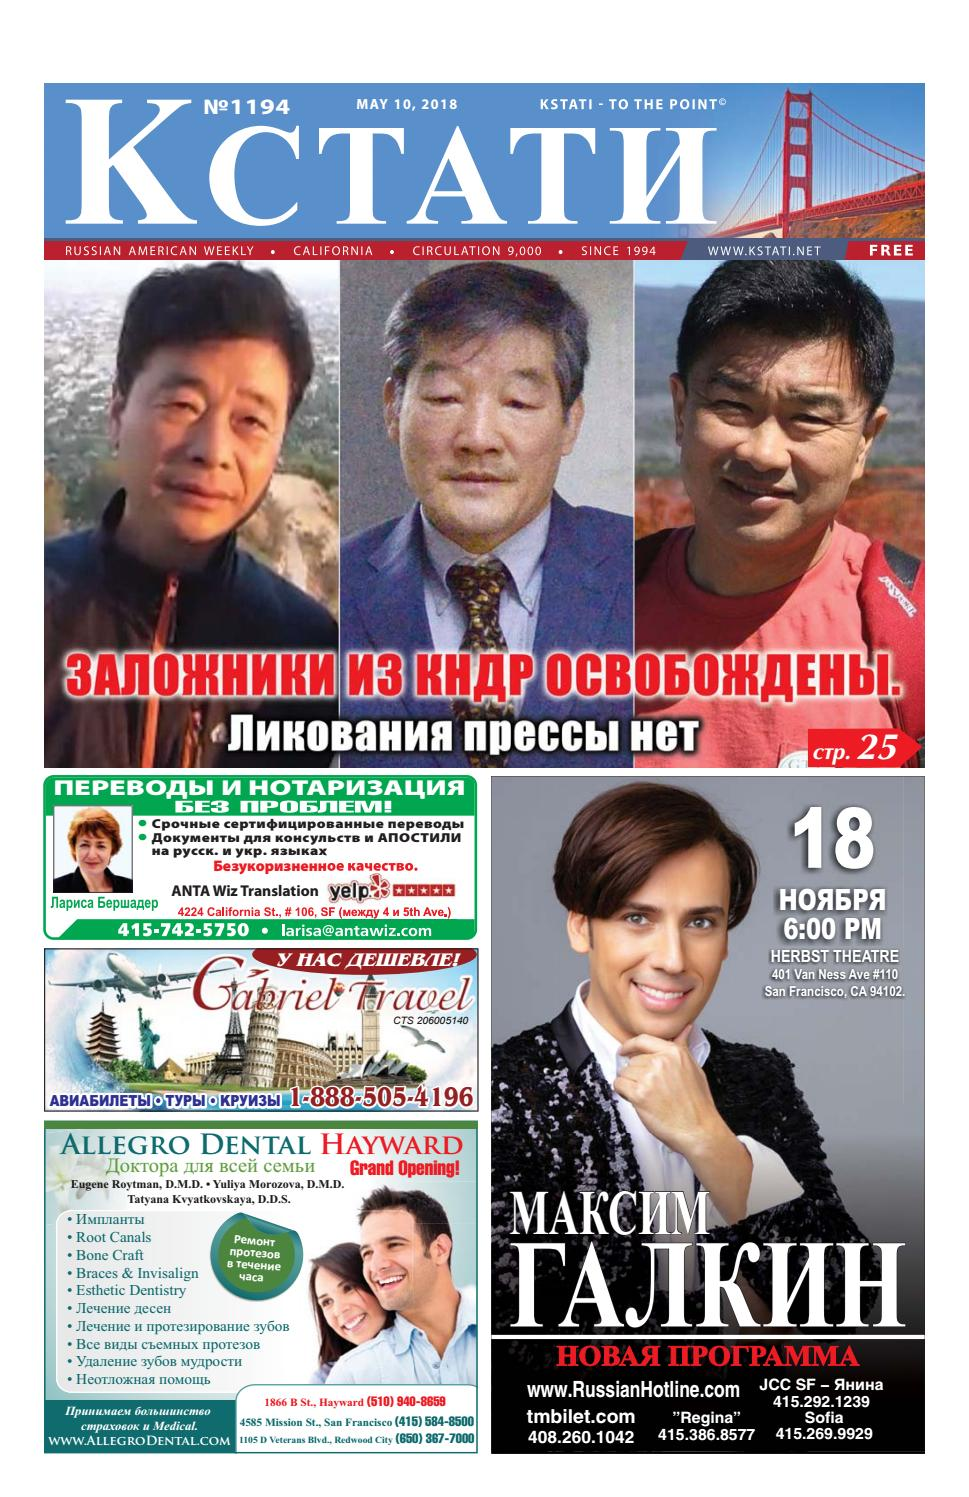 menya-zovut-lida-ya-vdova-hochu-seks-priezzhay-pishi-penza-prostitutki-kalugi-s-nomerami